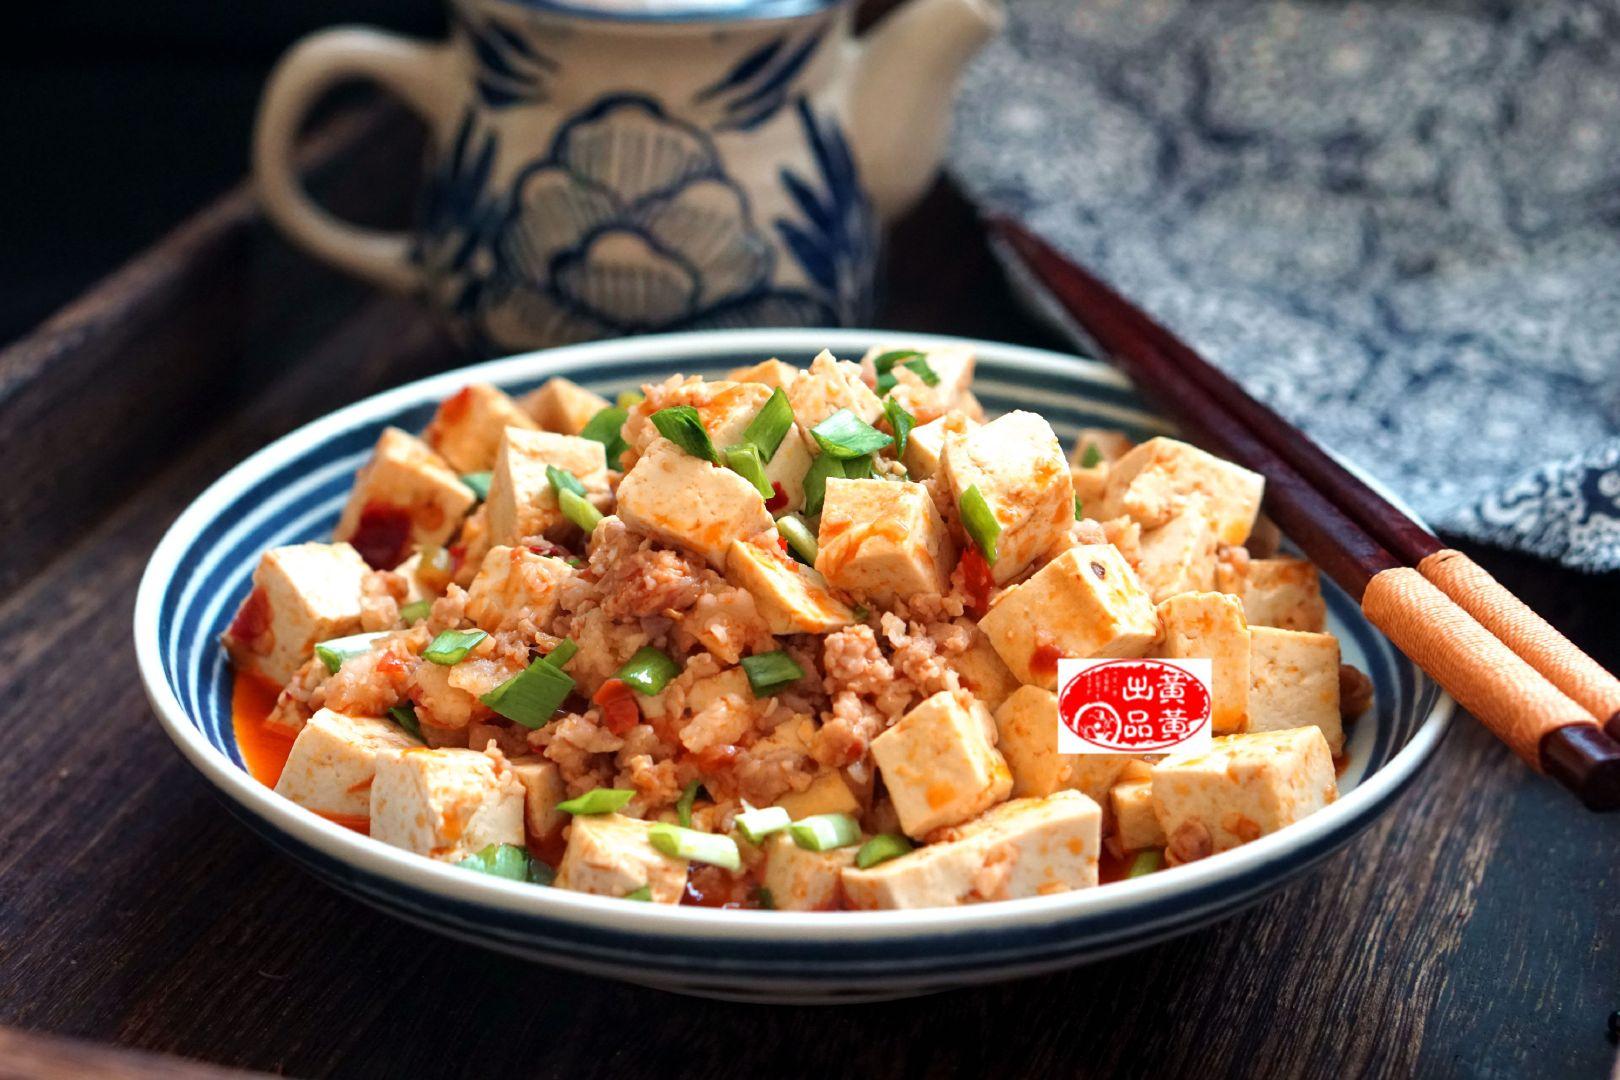 肉末豆腐最简单的做法,又香又鲜,好吃下饭,汤汁一滴都不剩